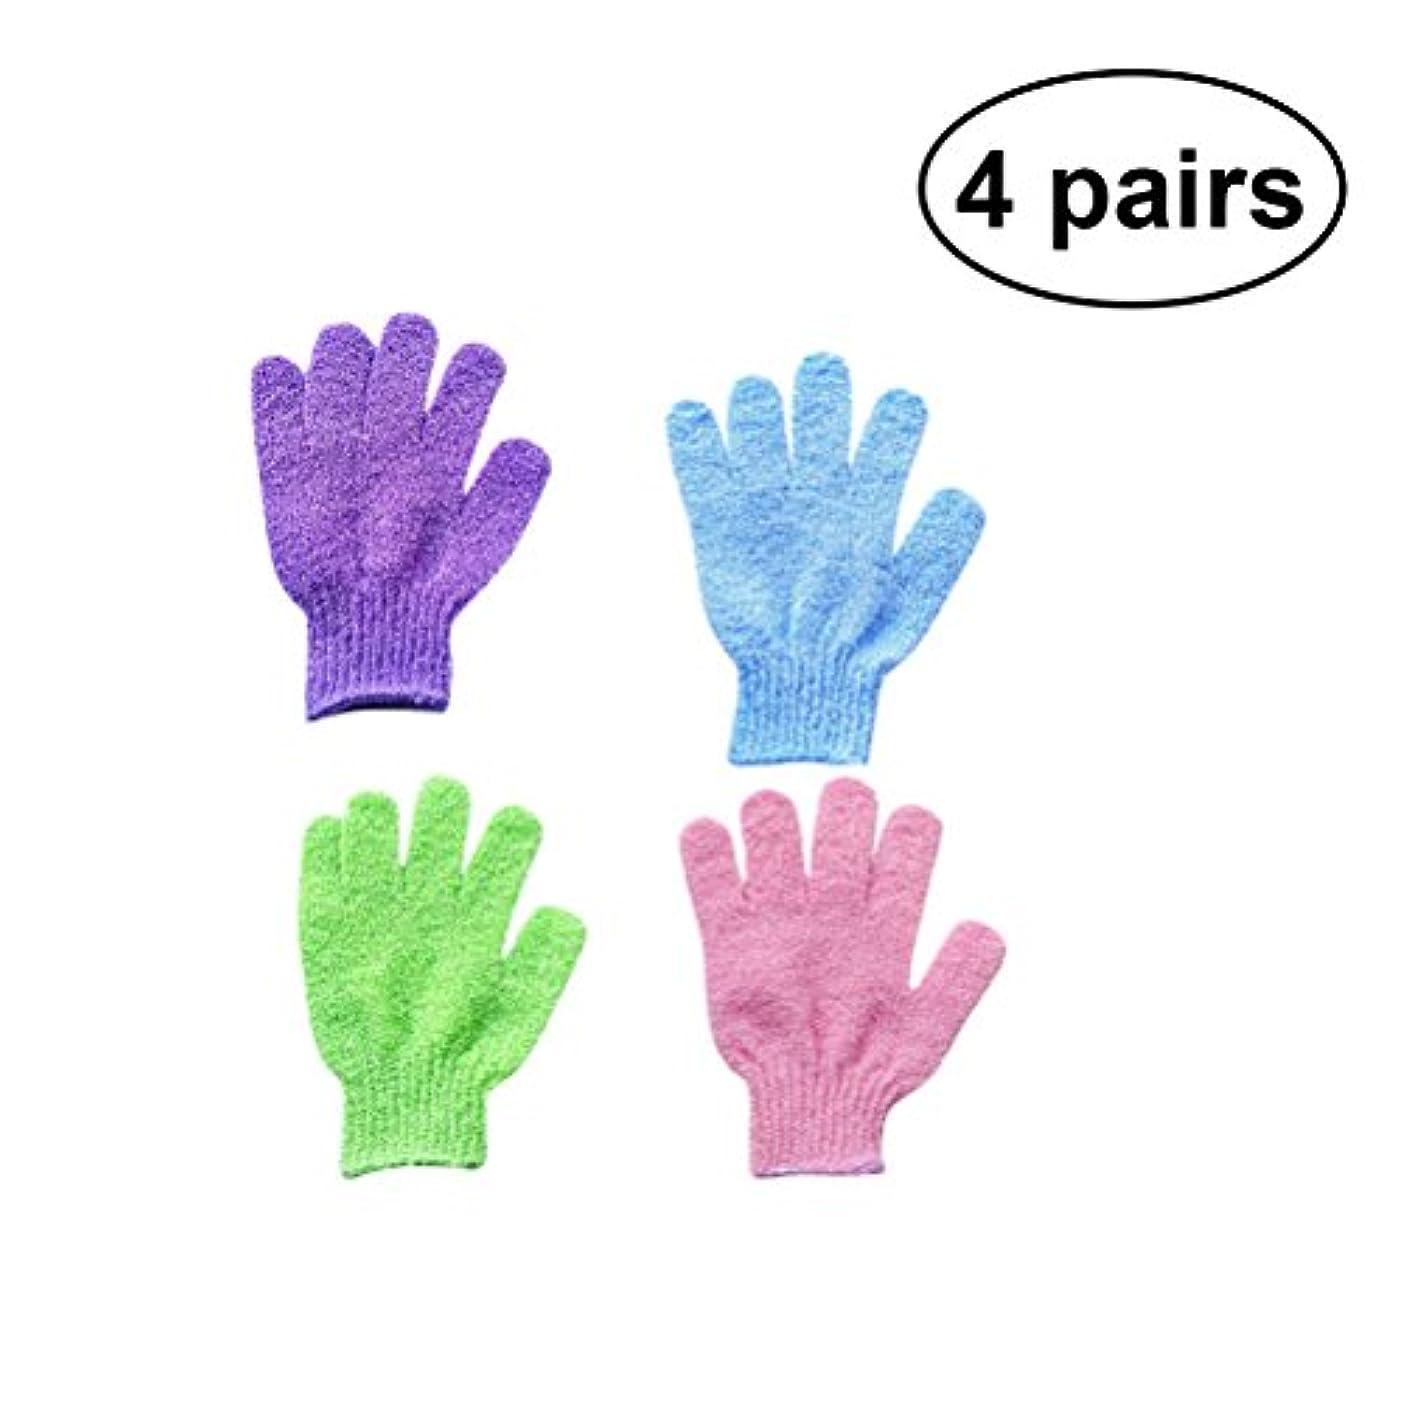 コンパニオン環境に優しい輝度Healifty 4 Pairs Exfoliating Bath Gloves Shower Mitts Exfoliating Body Spa Massage Dead Skin Cell Remover